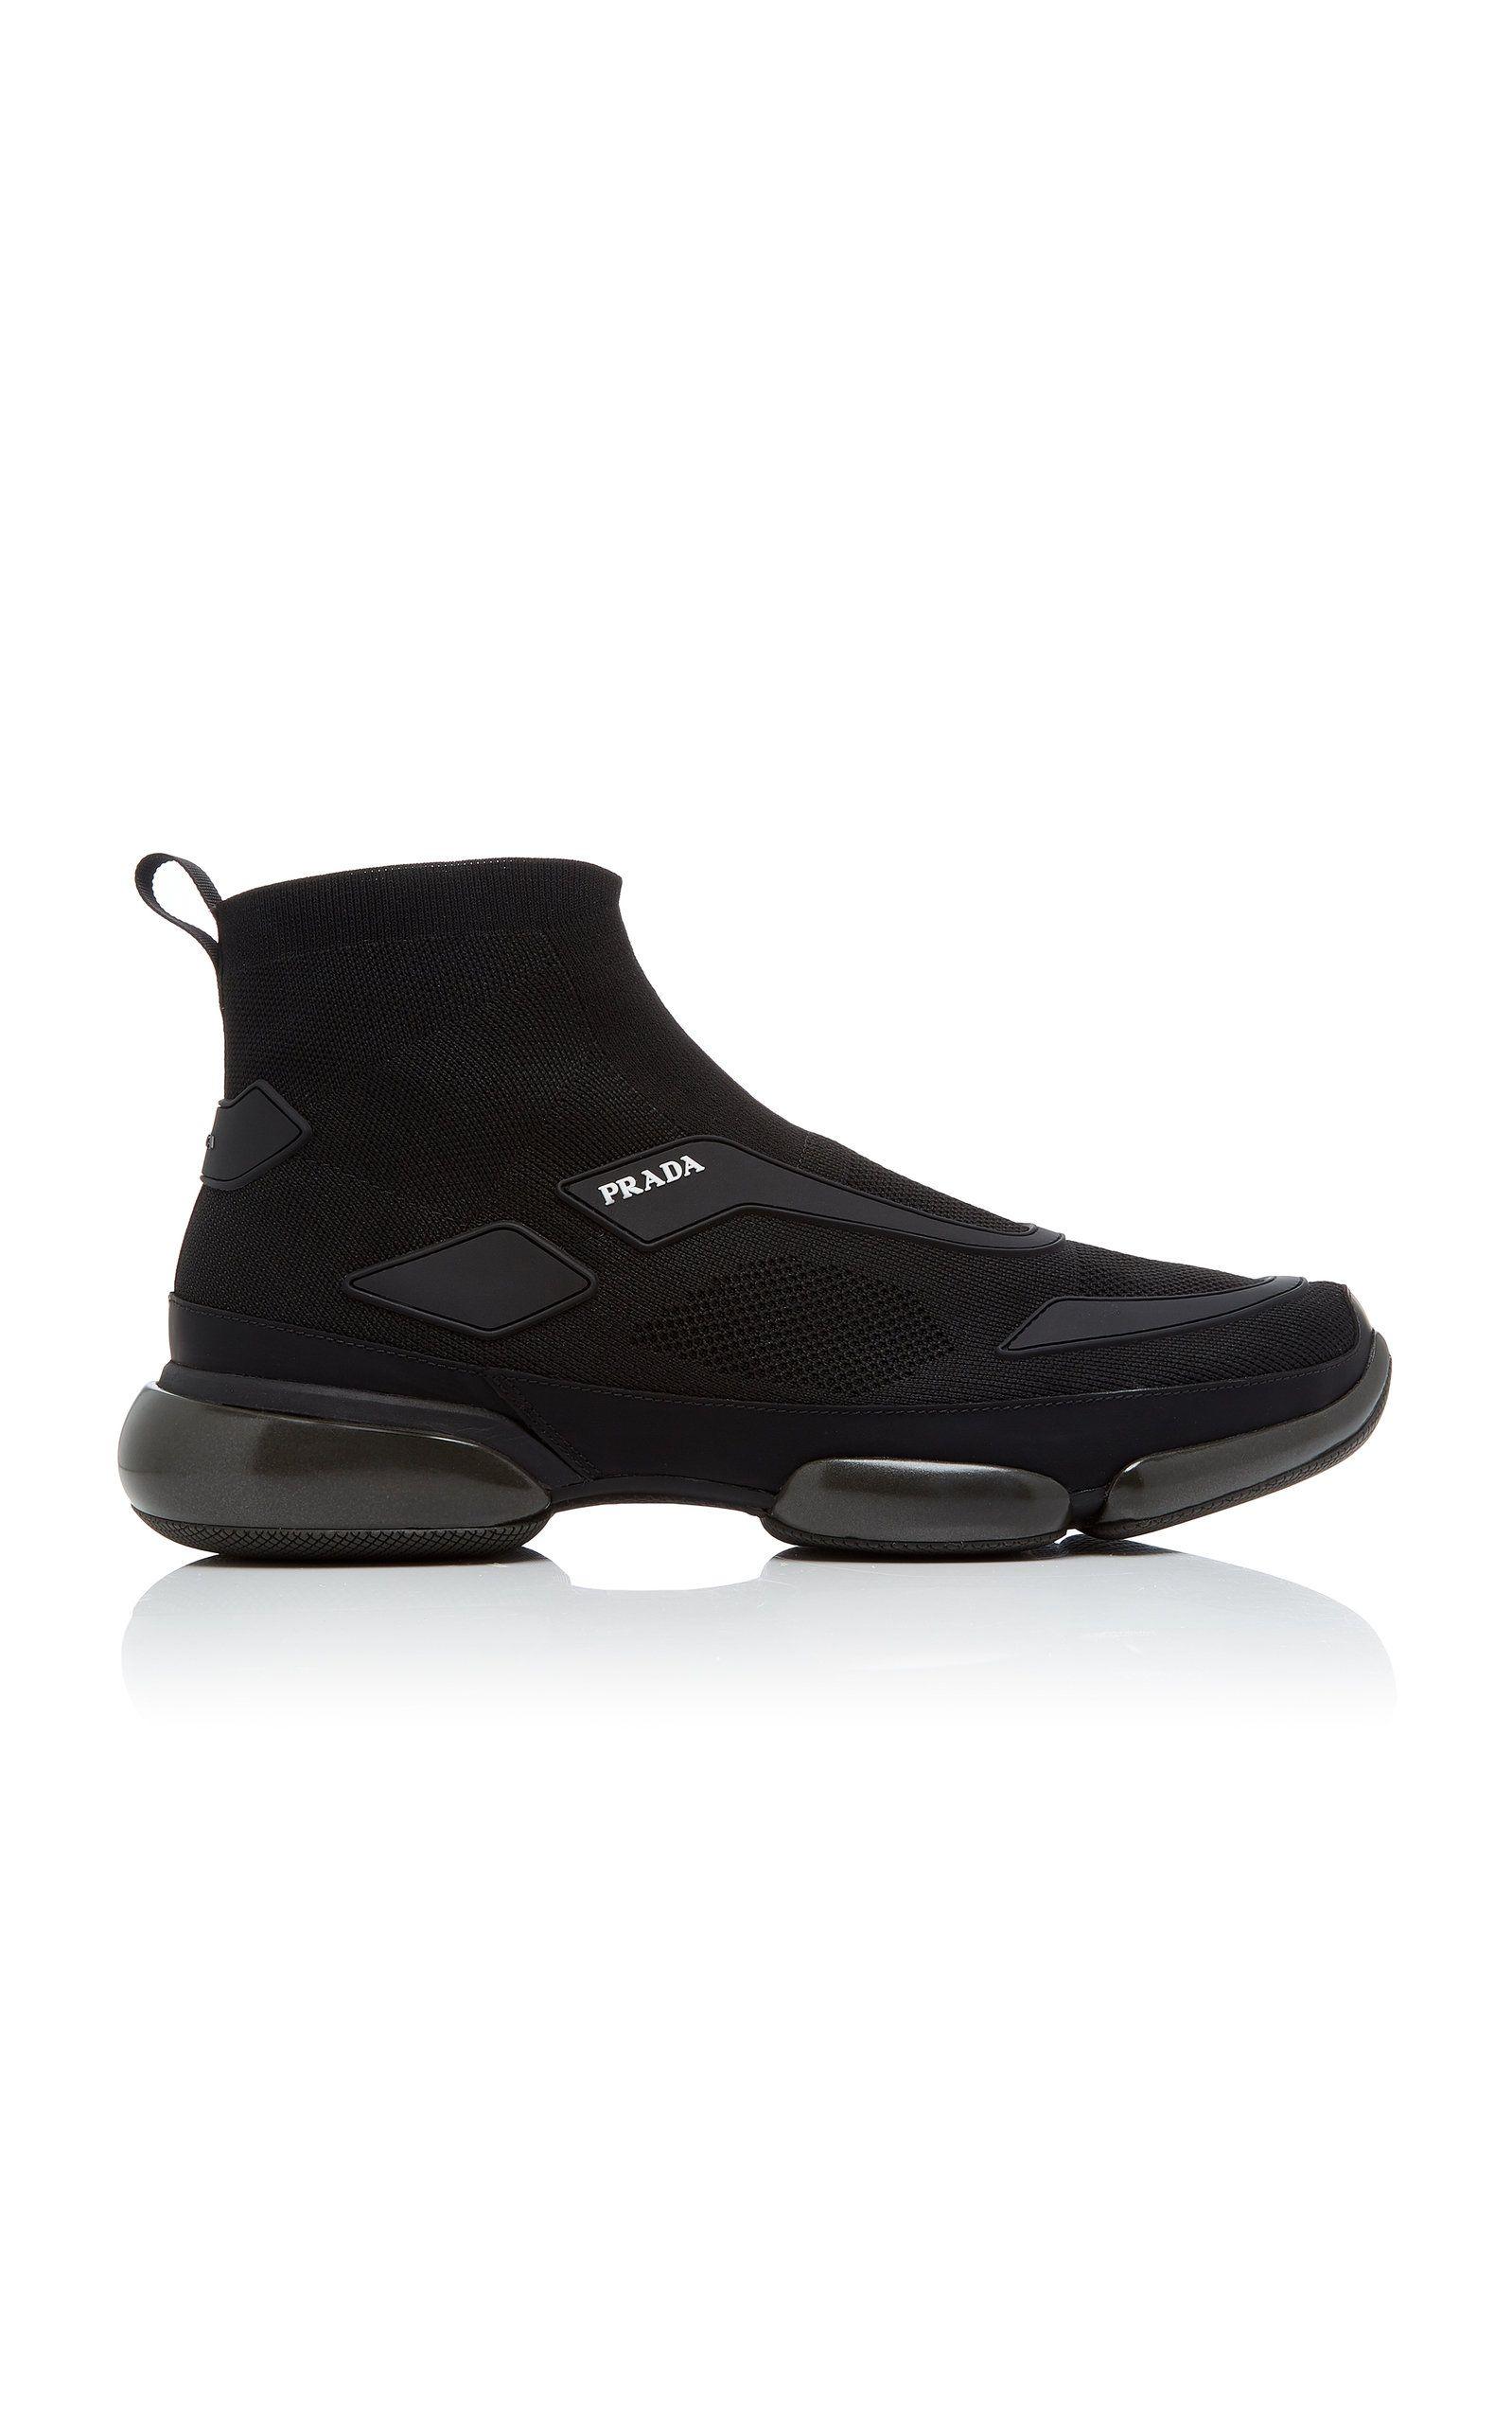 47bad3f6cc29 Prada Cloudbust Stretch-Knit High-Top Sneakers In Black